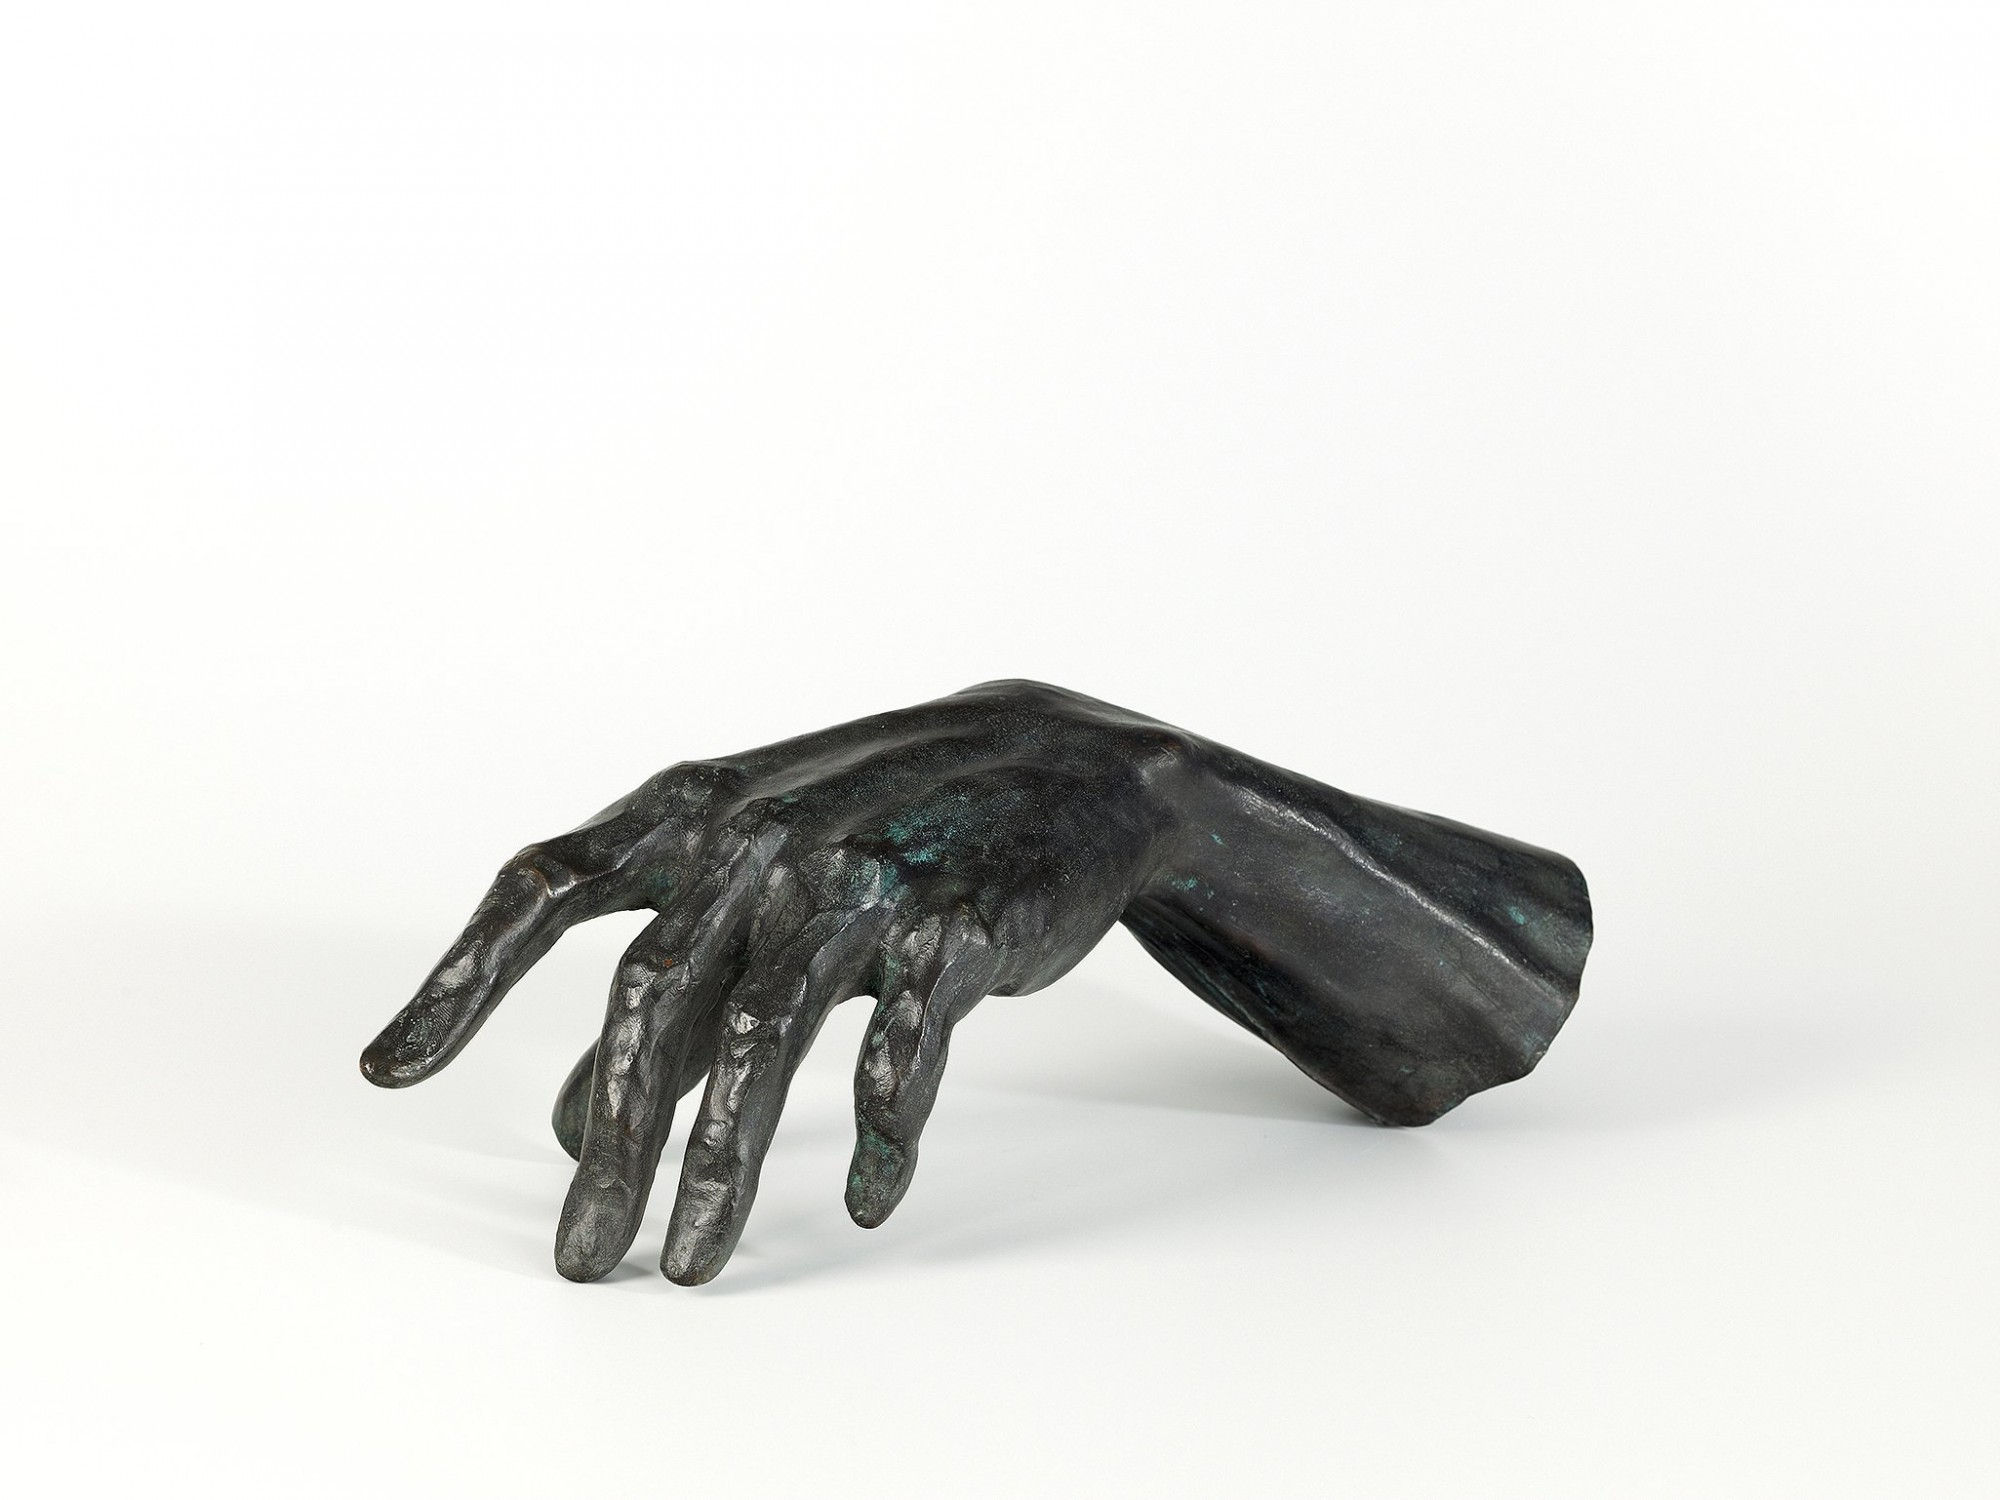 Afbeelding: Studio fotografie, sculptuur bronzen hand © Luk Van Soom.